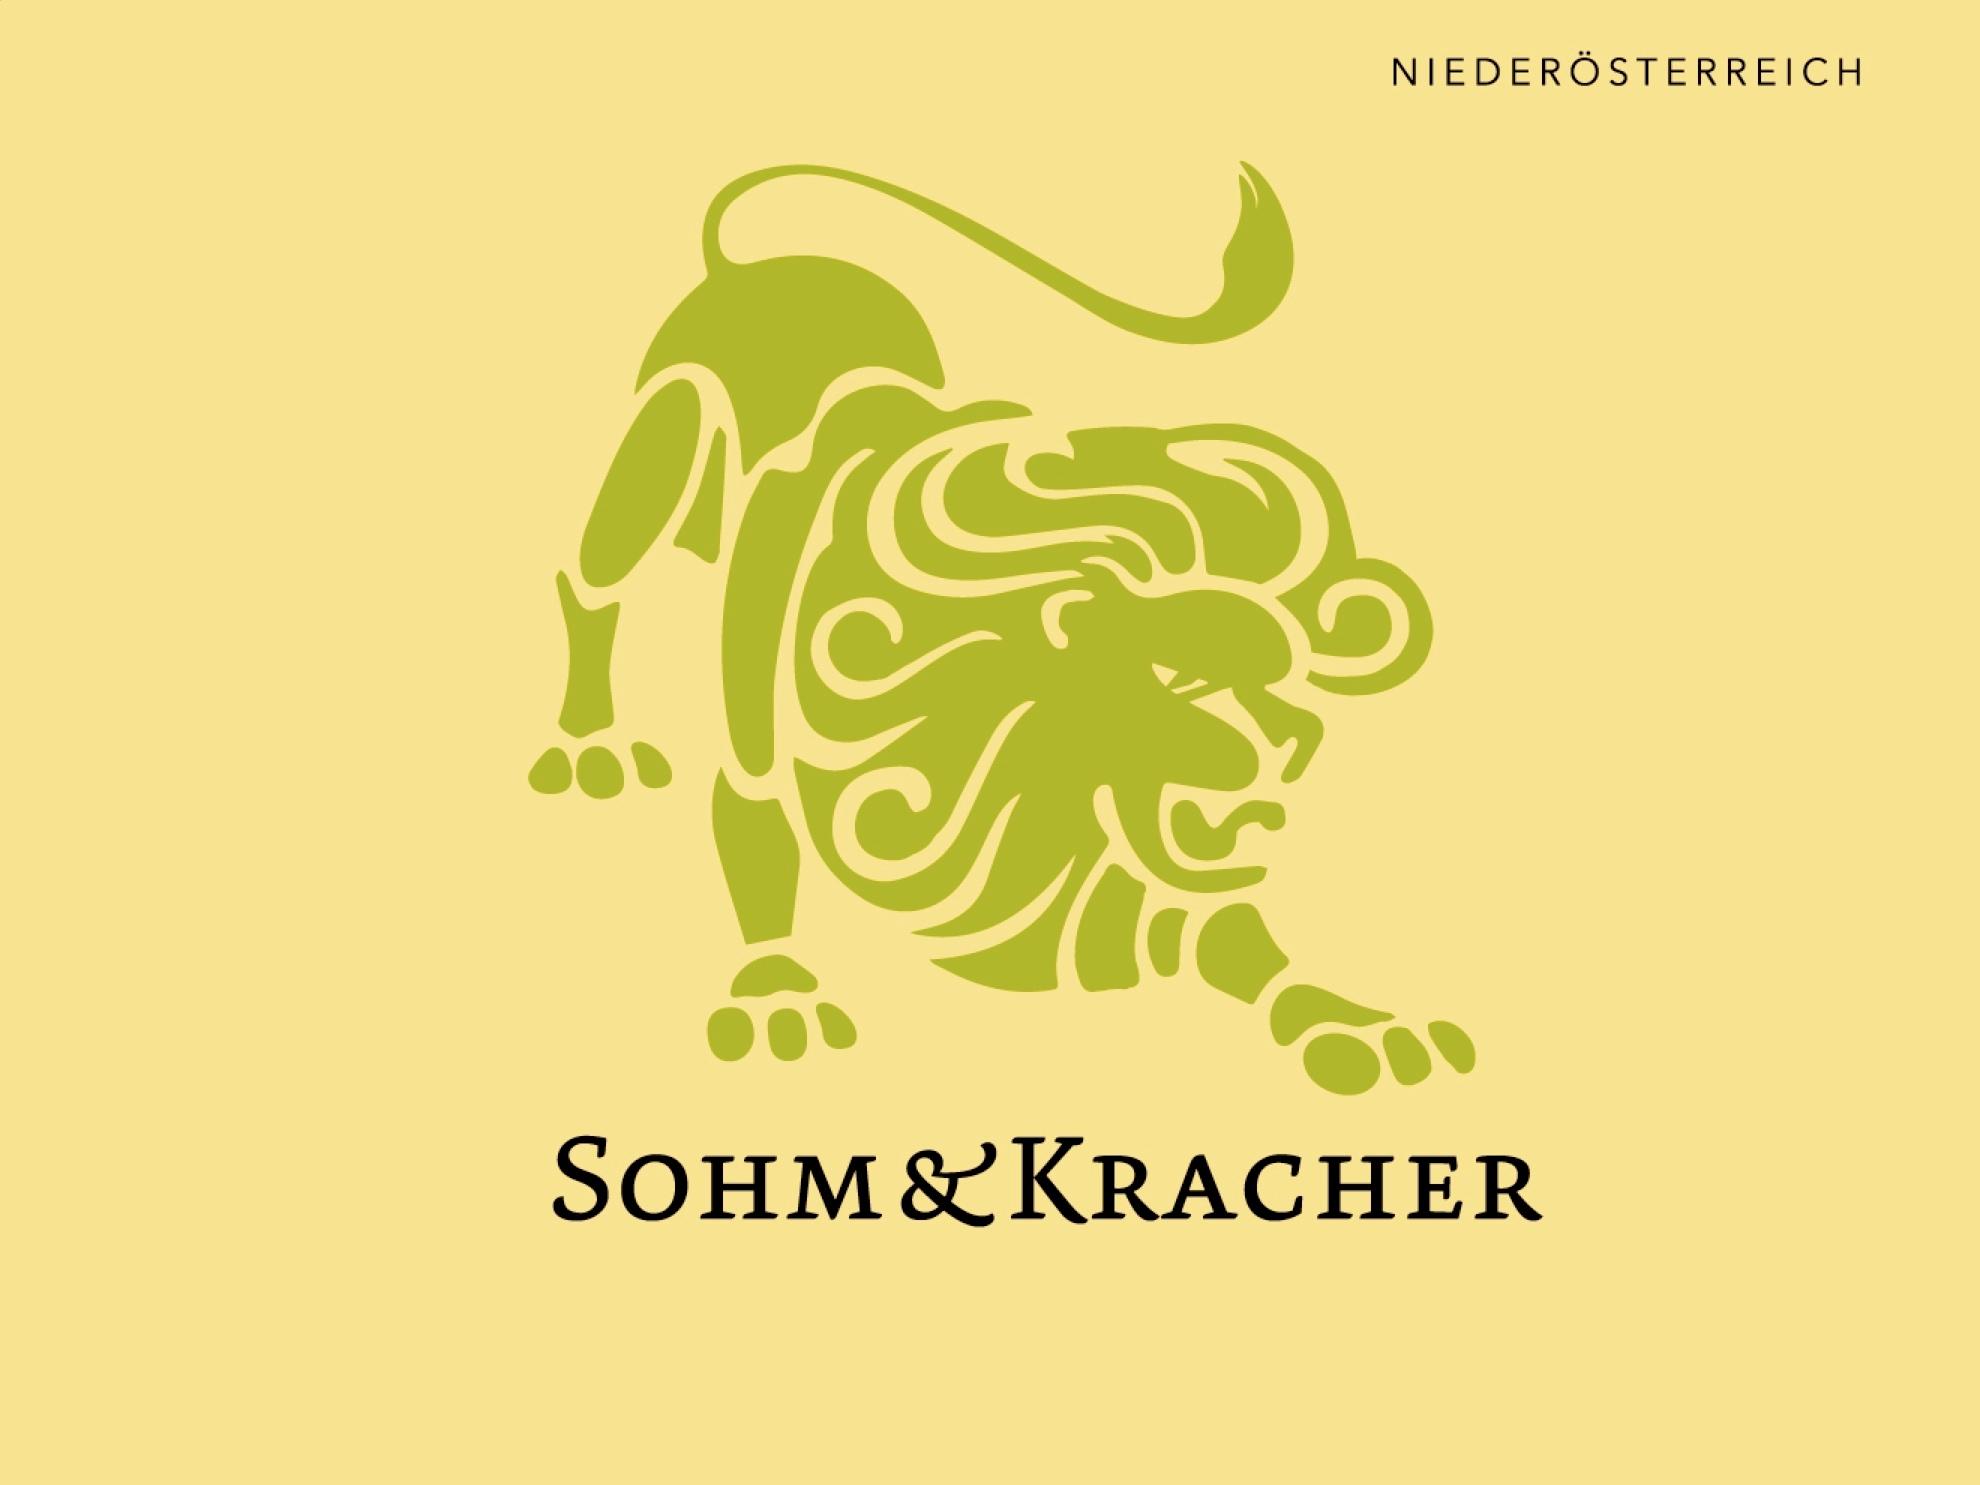 Sohm & Kracher